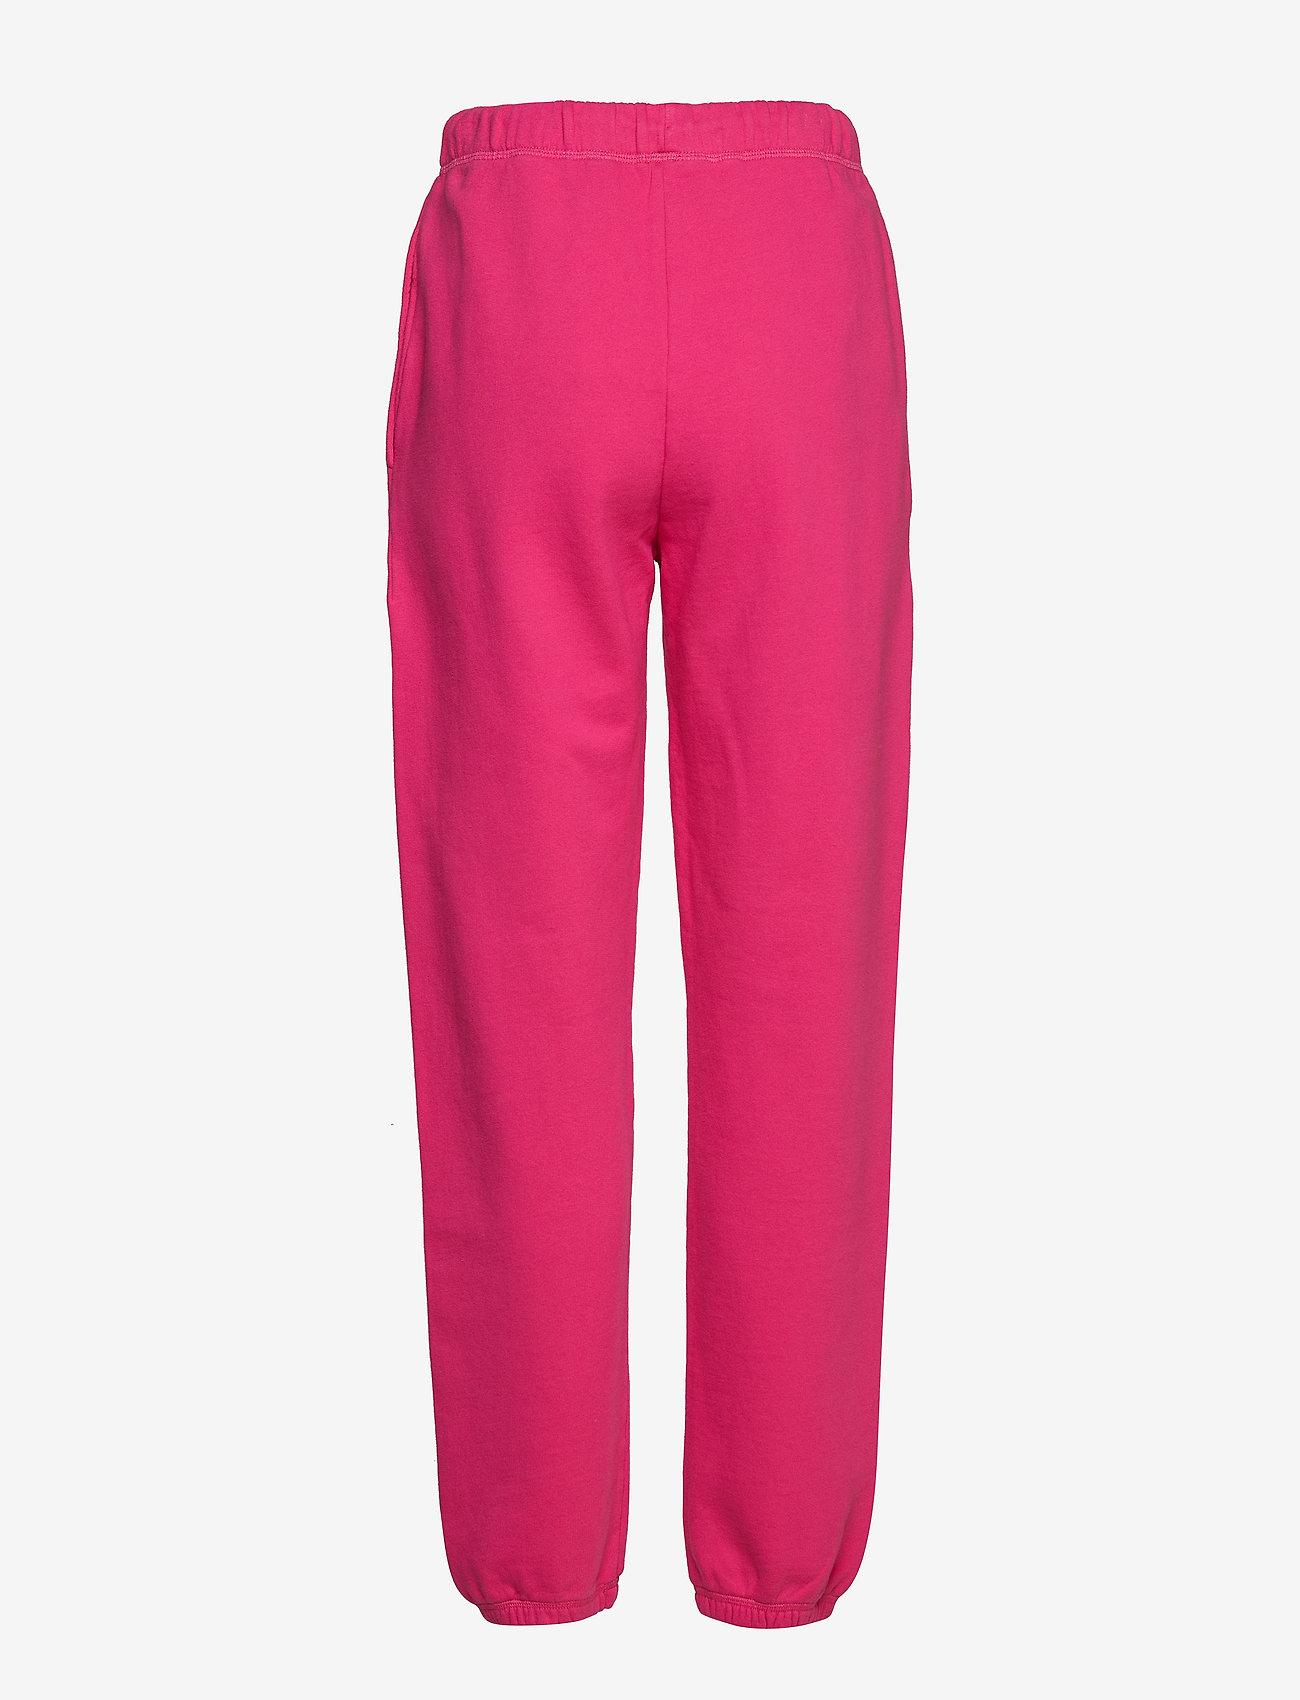 Superdry ELISSA JOGGERS - Spodnie dresowe SIENNA PINK - Kobiety Odzież.